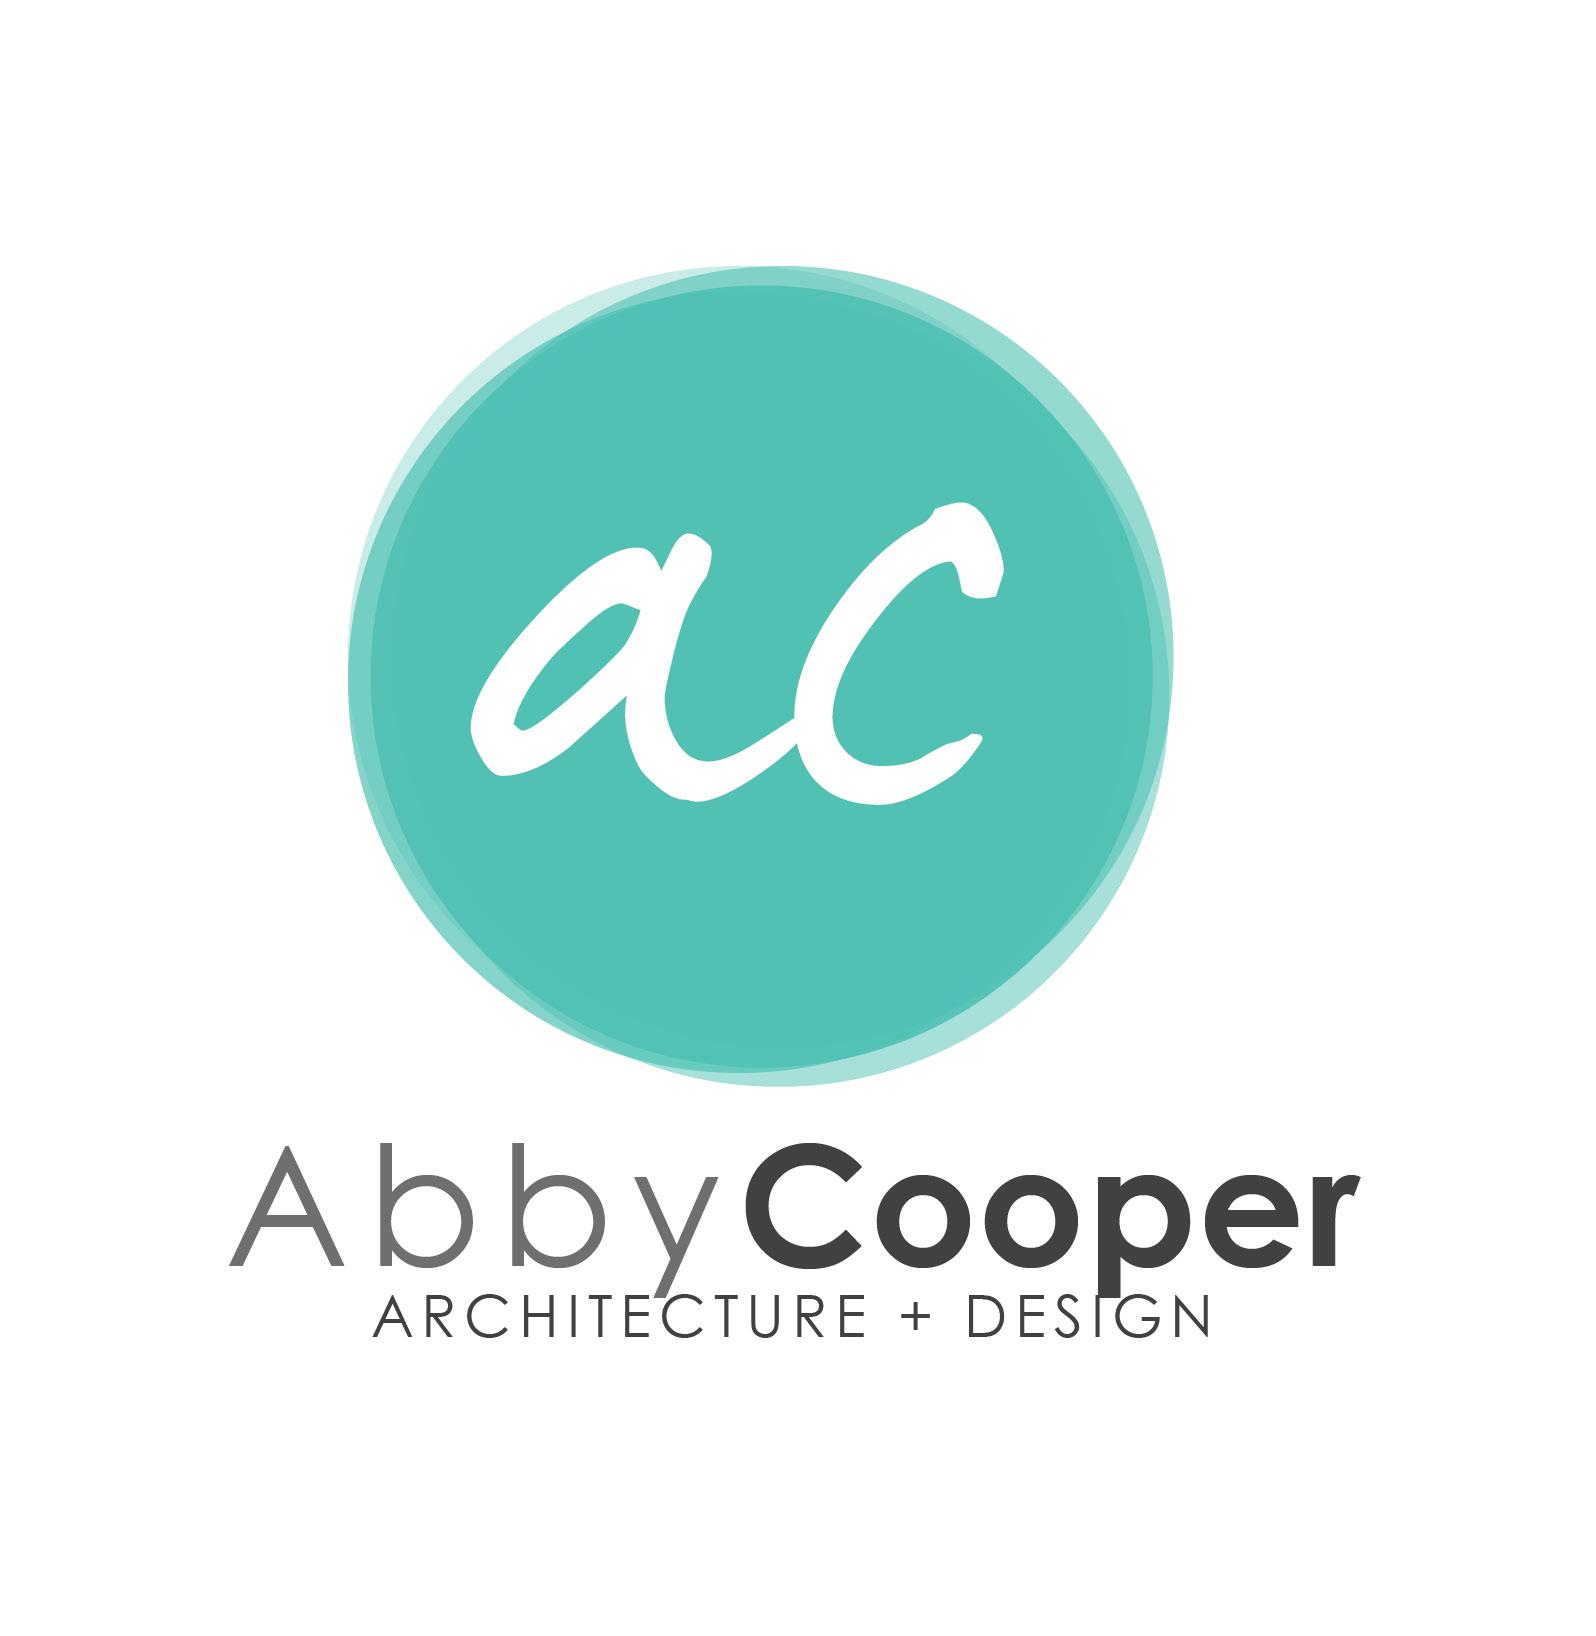 Abby Cooper